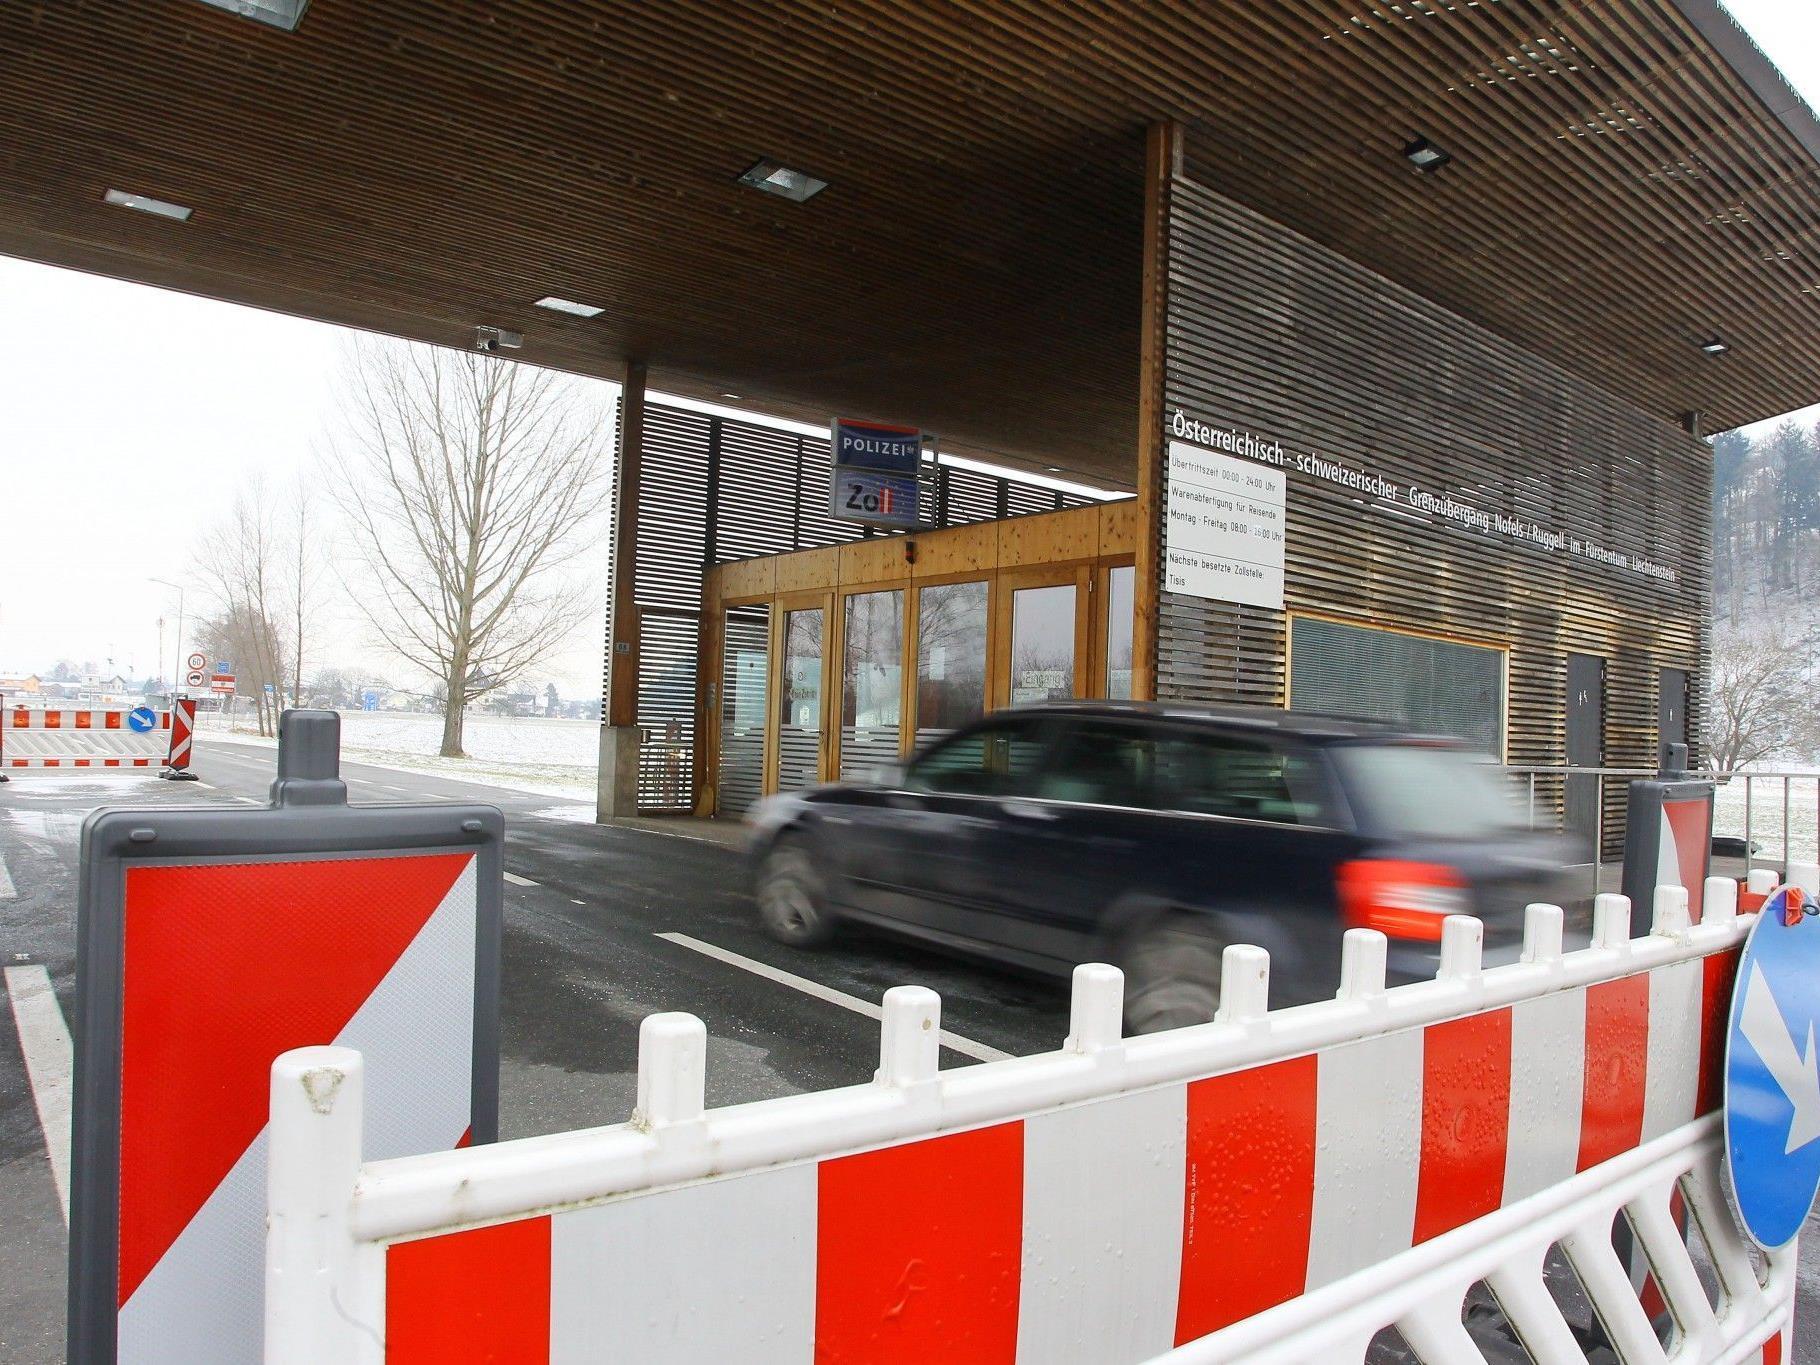 Kosten für Schweizer Autobahn-Vignette massiv erhöht.